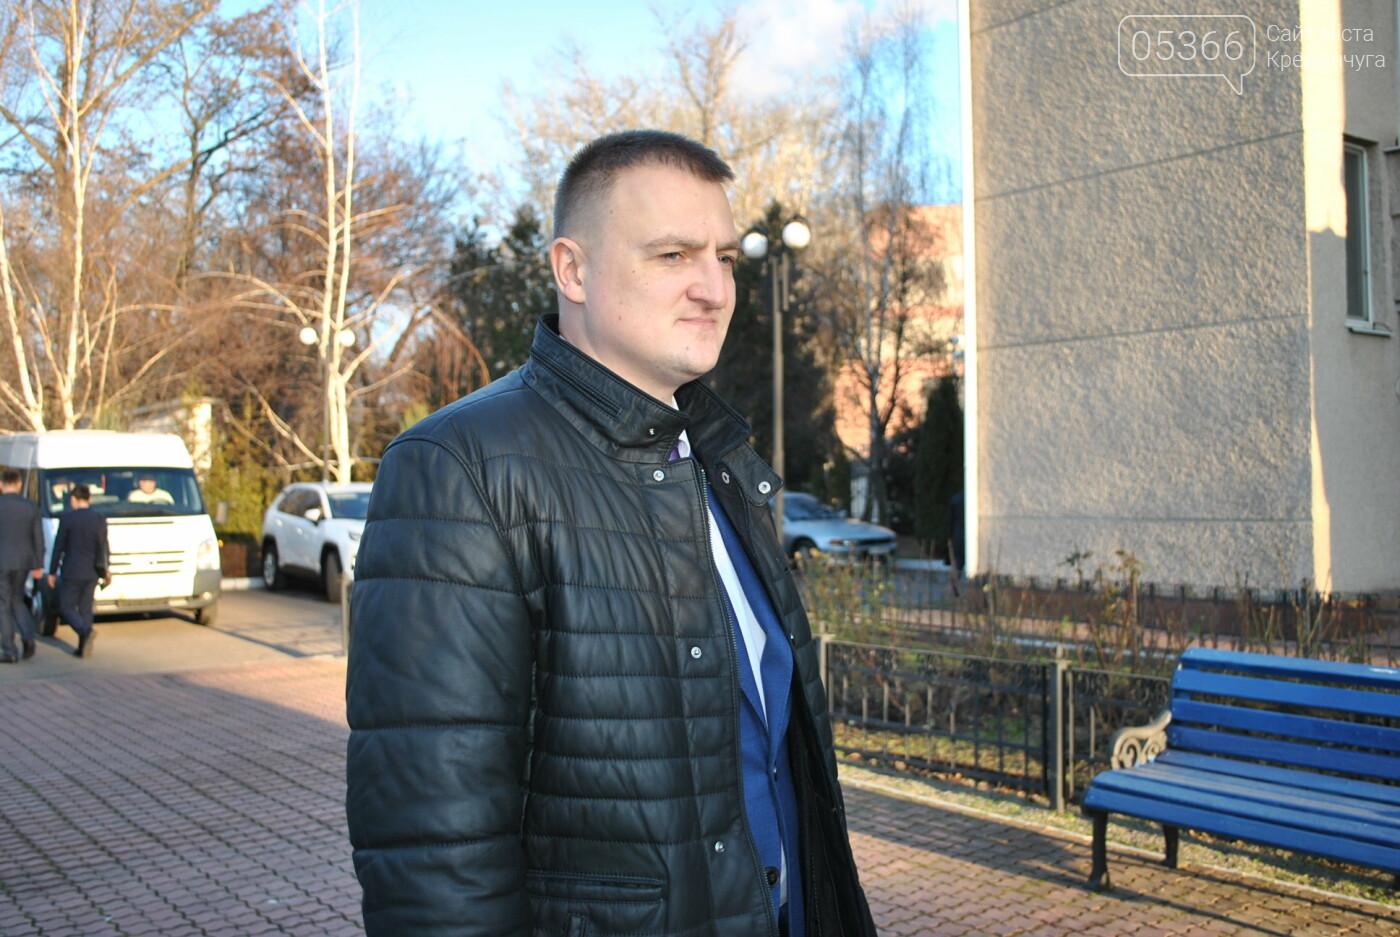 Пообіцяв зайнятися питанням вивезення піску з дамби: у Кременчуці прокурор області зустрівся зі ЗМІ, фото-1